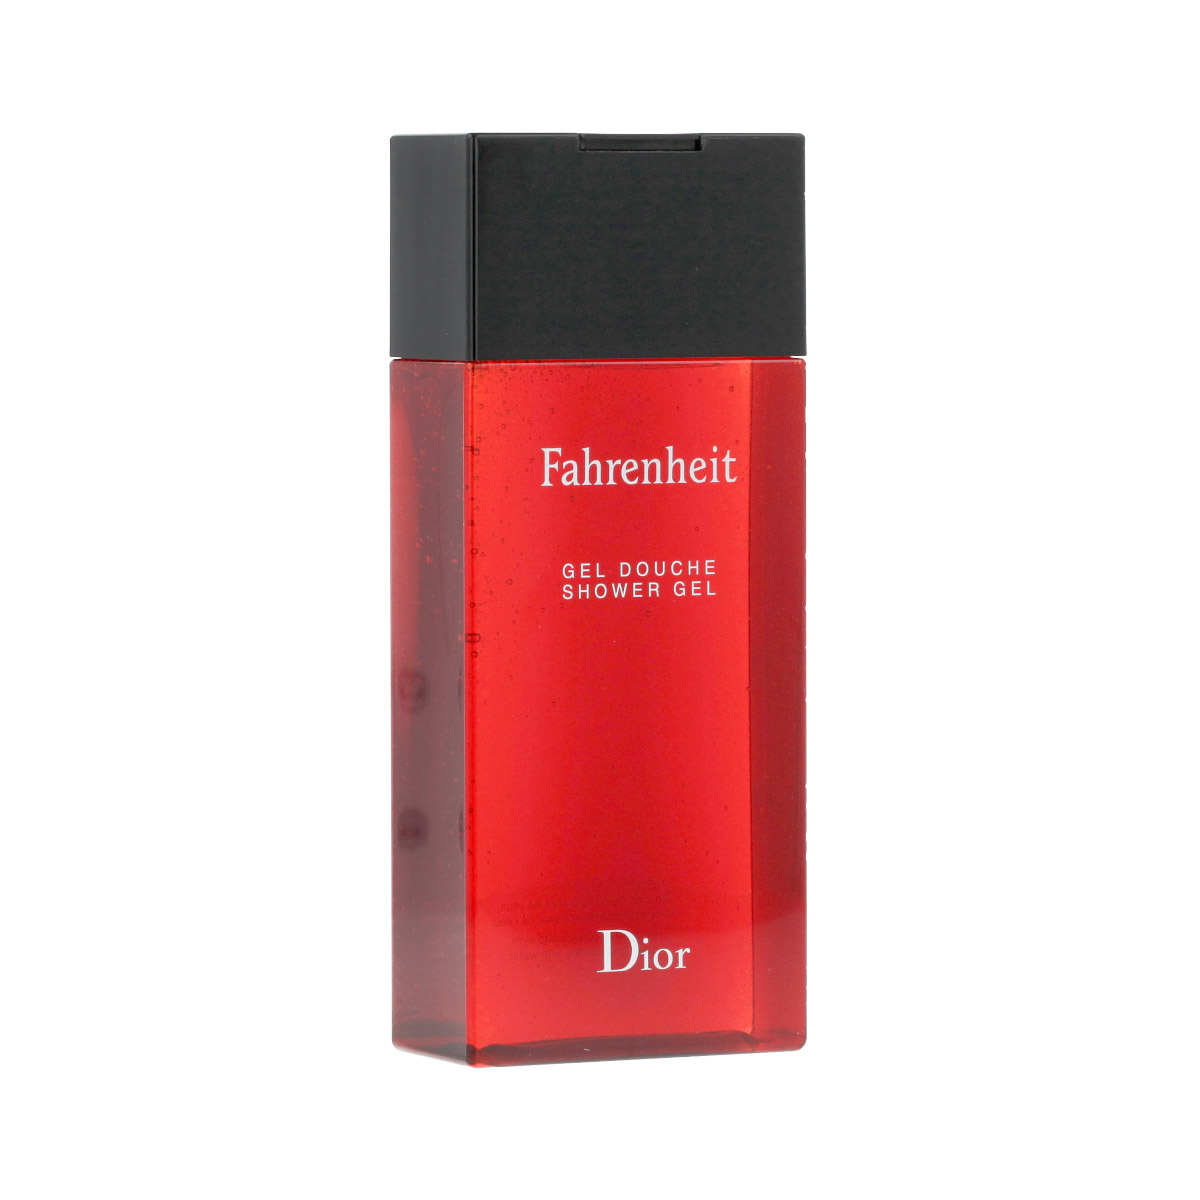 Dior Christian Fahrenheit SG 200 ml M